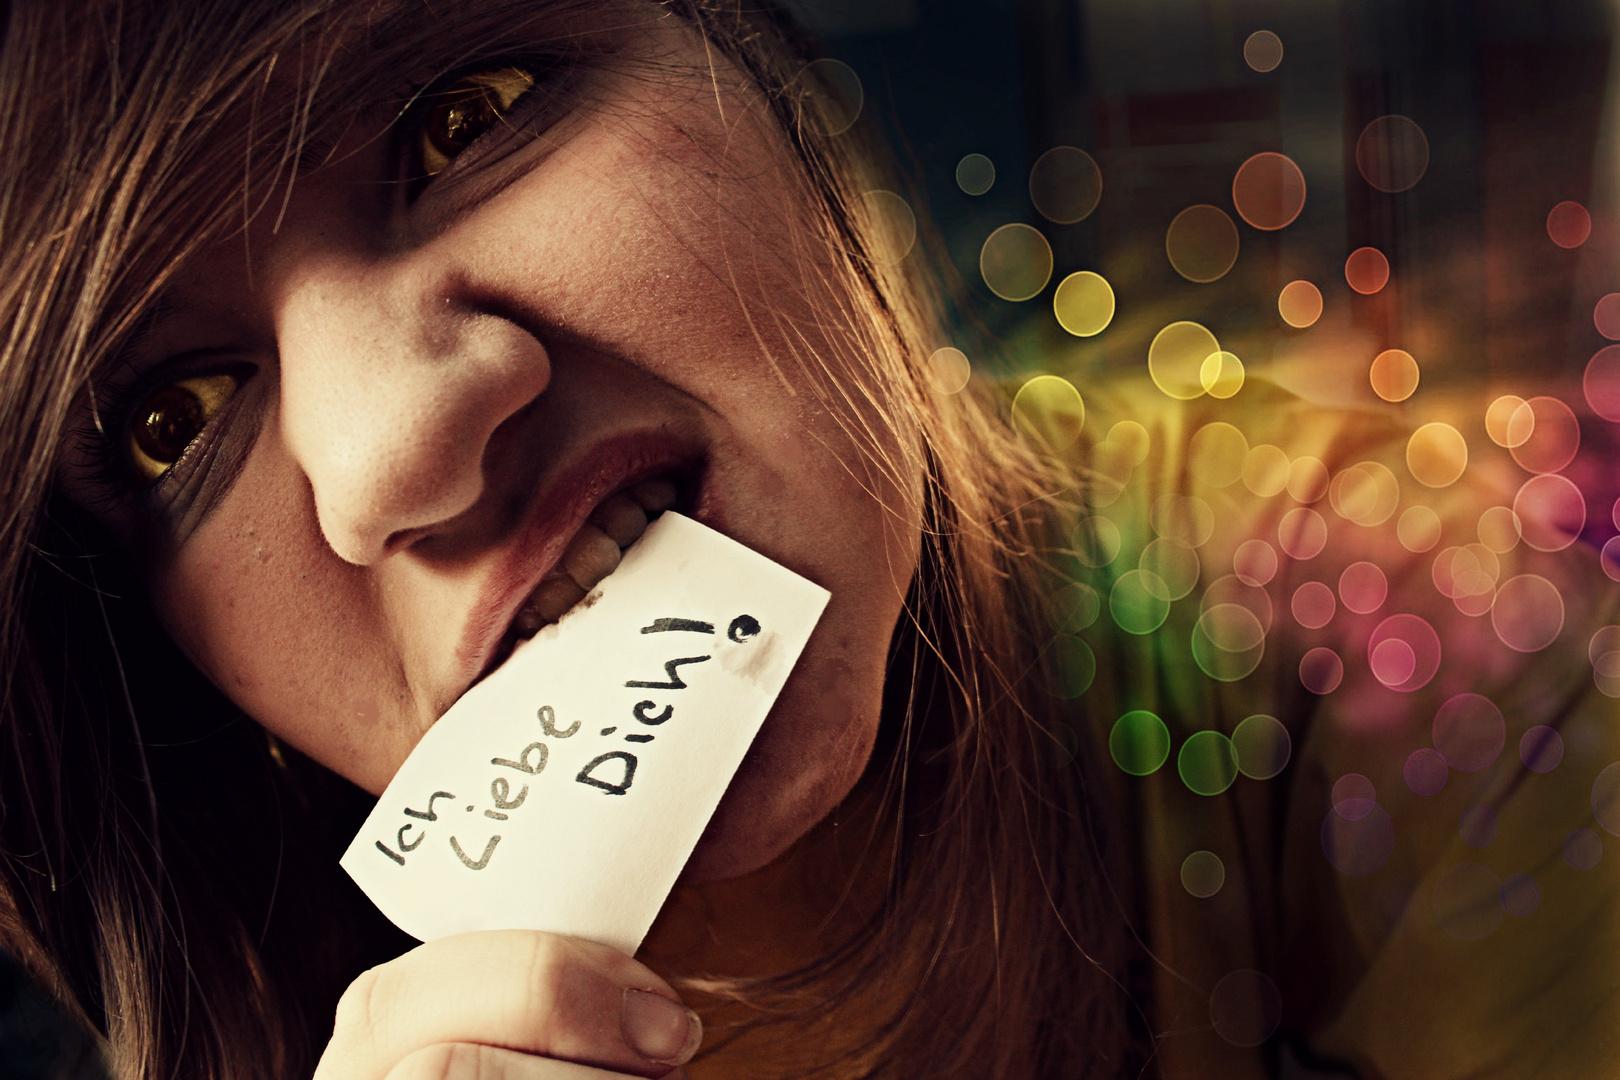 Gefühle kann man nicht unterdrücken!